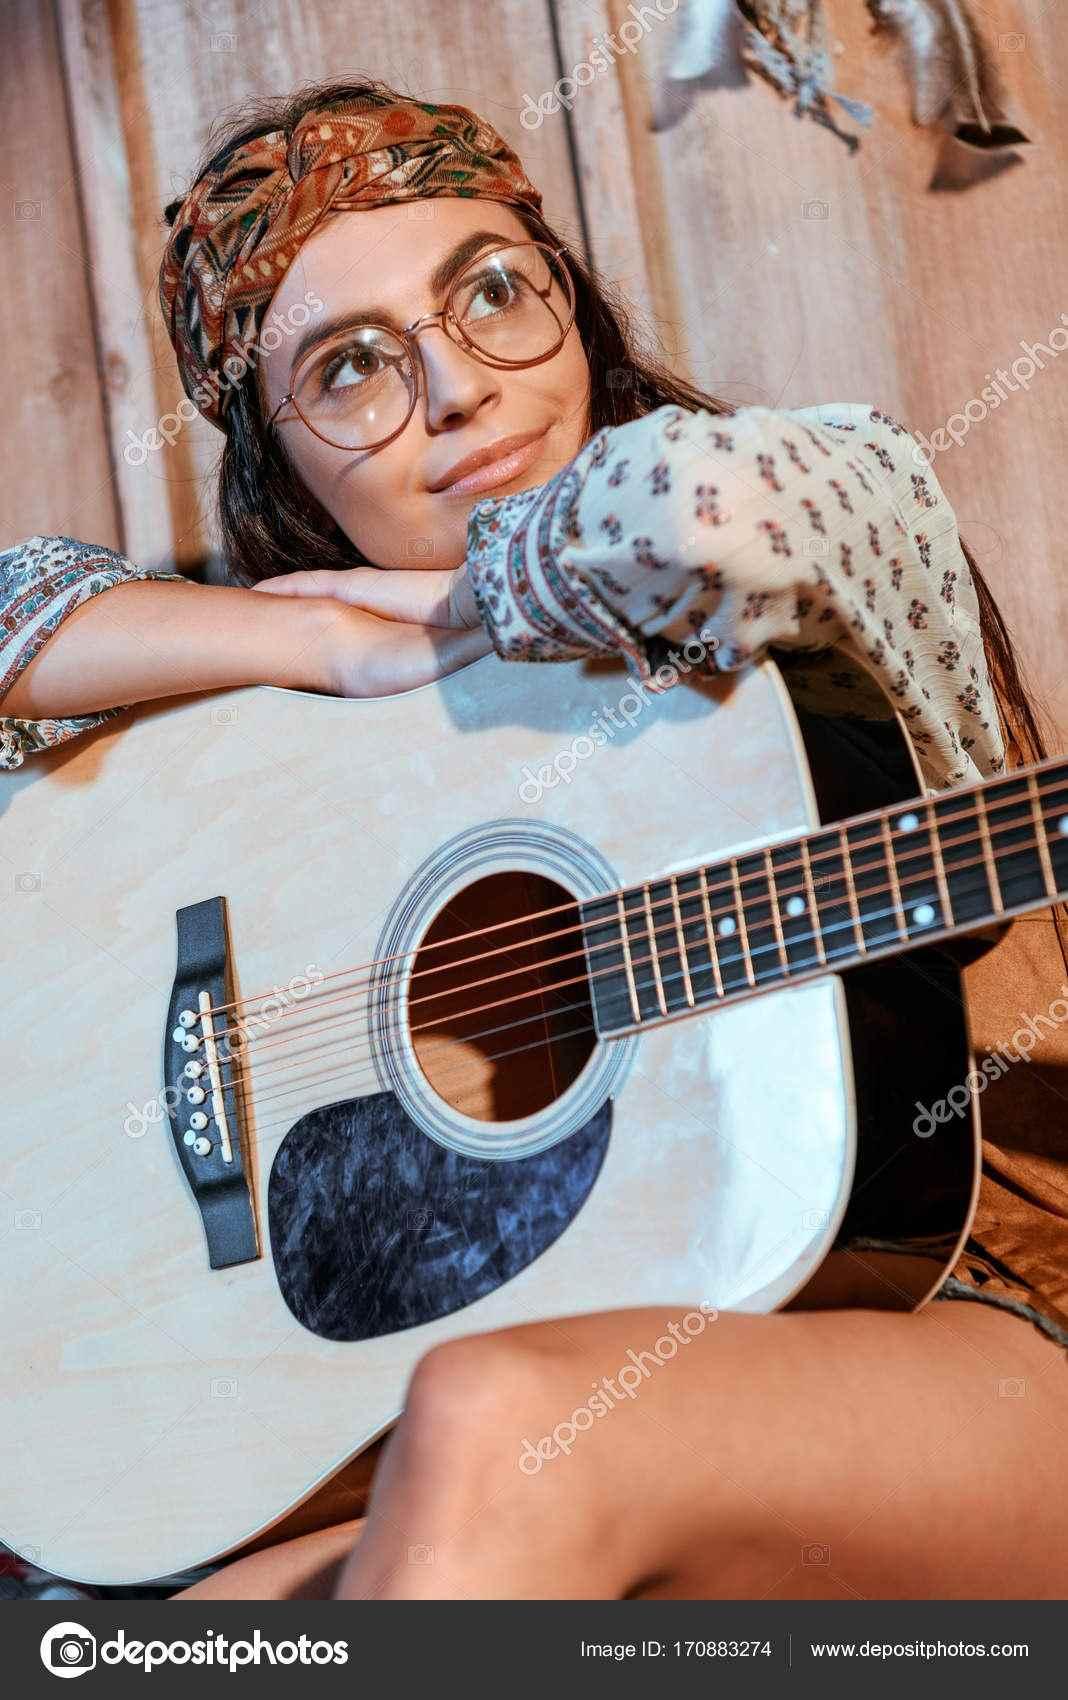 Красивая девушка с гитарой фото, картинки 17